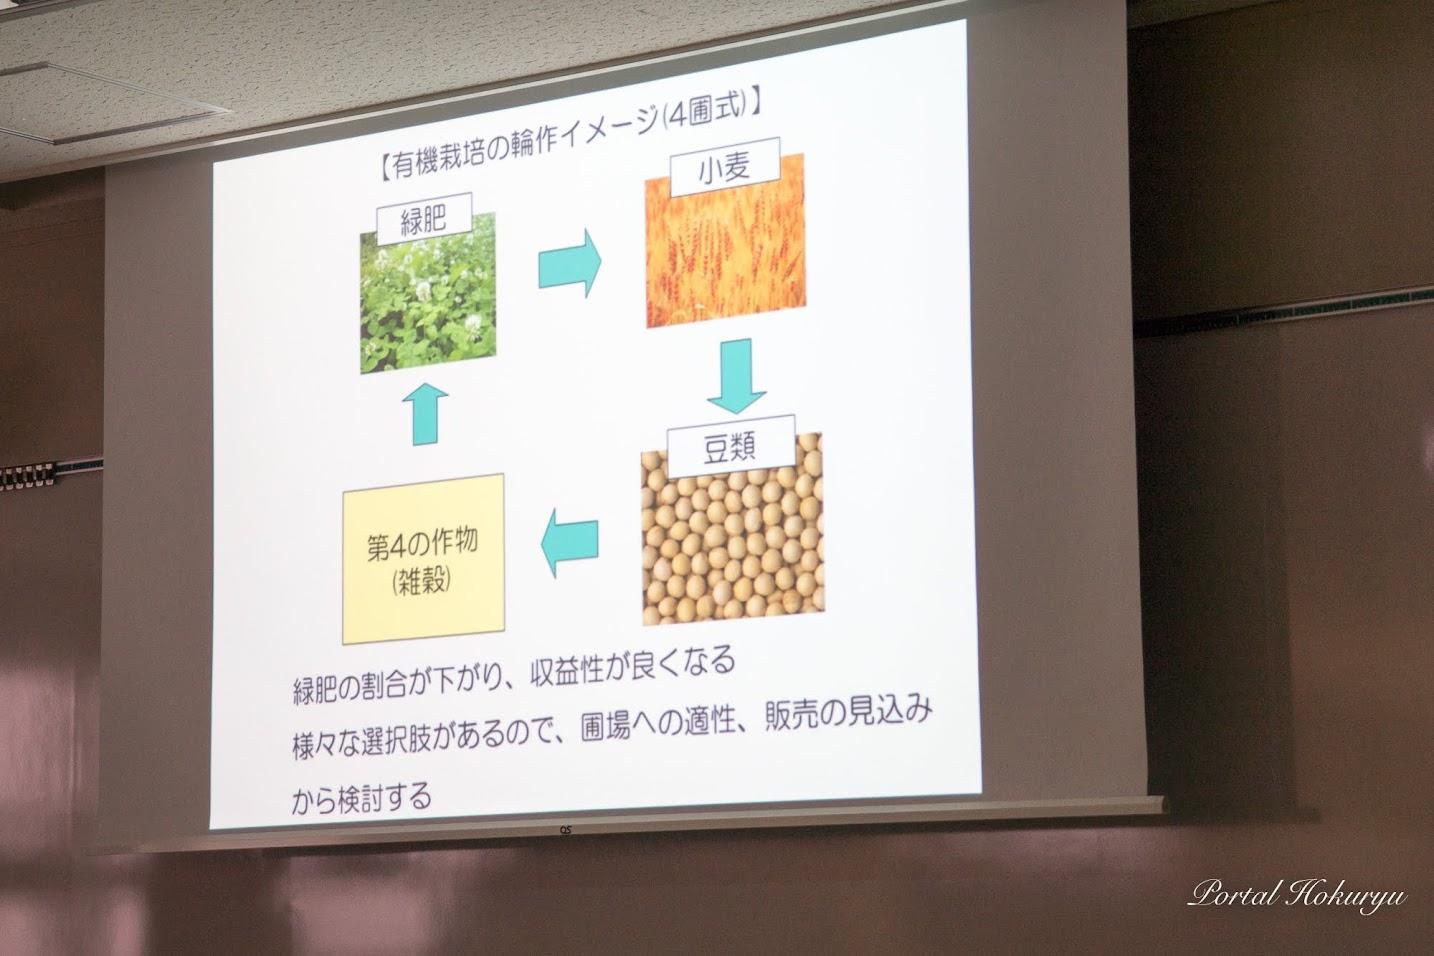 有機栽培の輪作イメージ